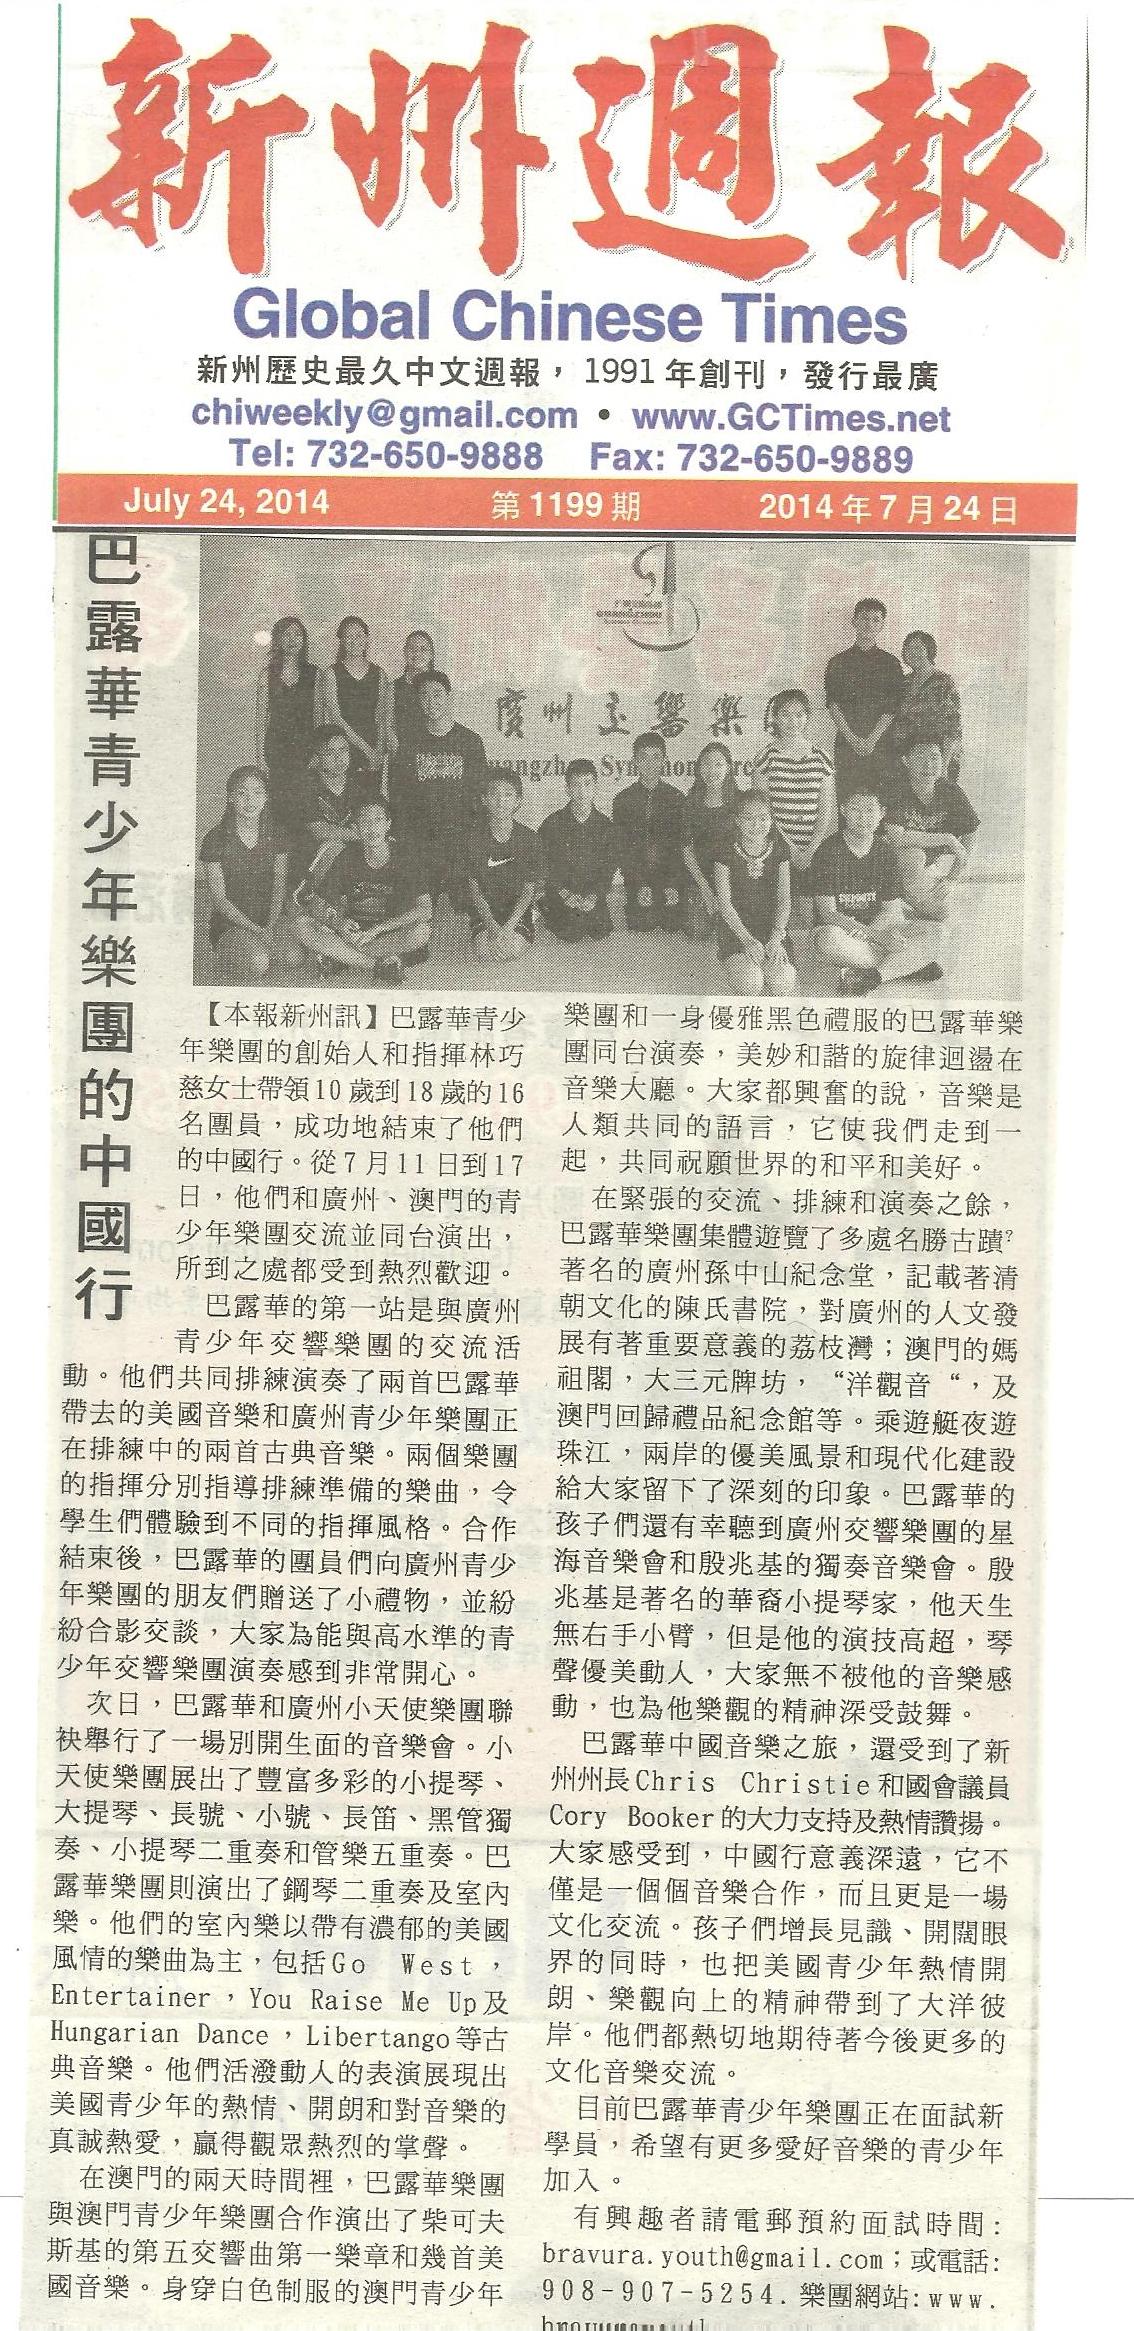 Global Chinese Times.jpg